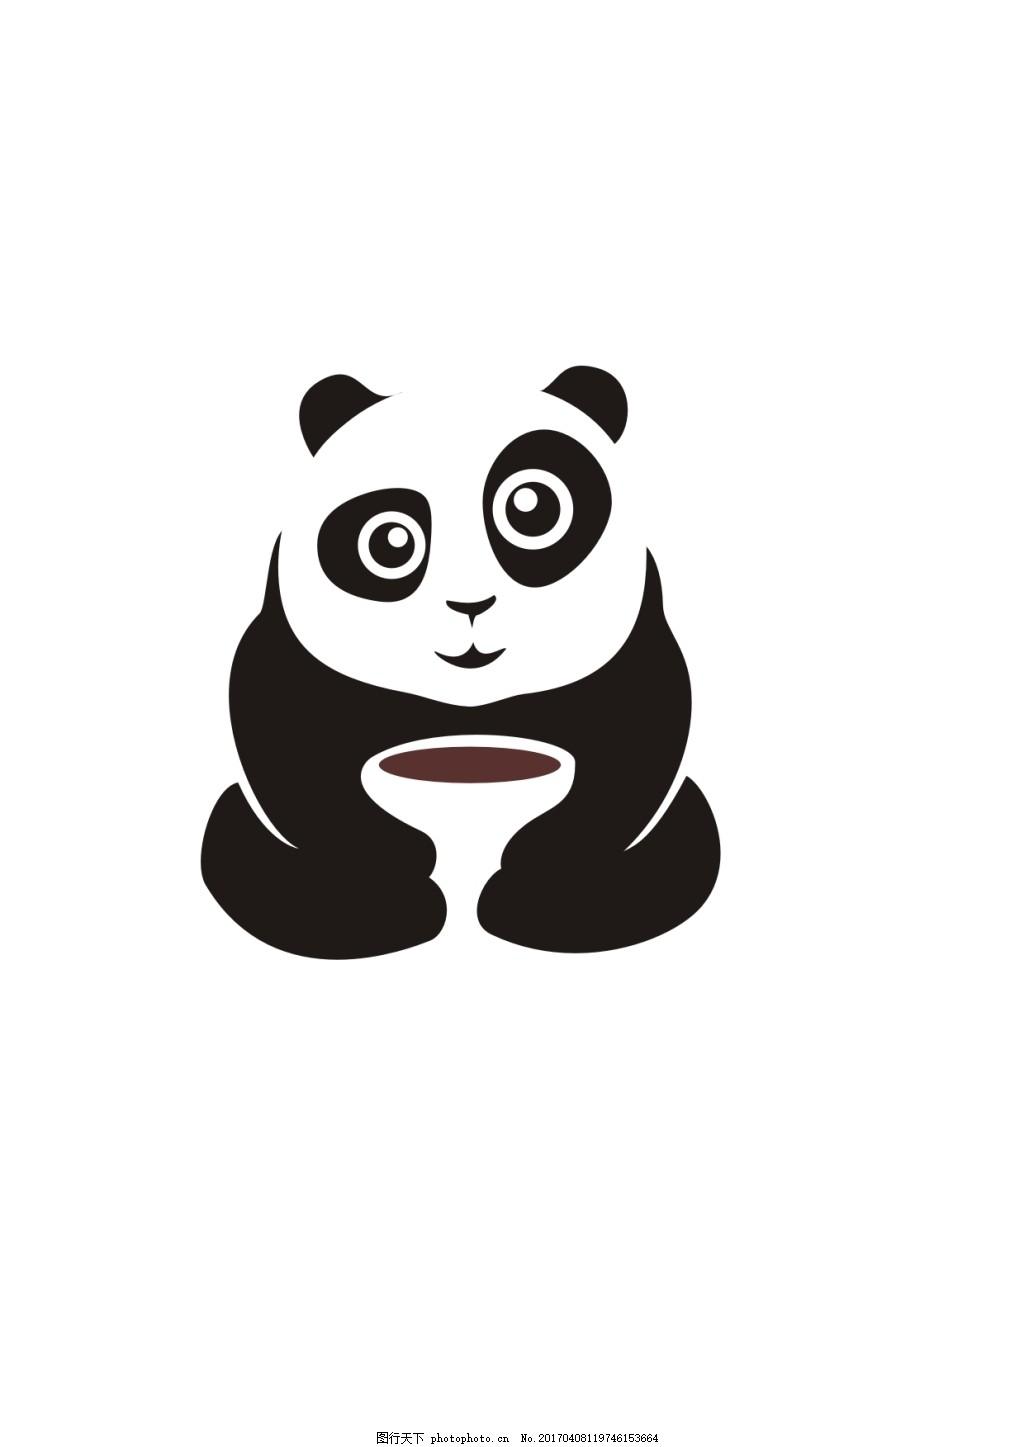 国宝熊猫 大熊猫 四川 国宝 茶 可爱